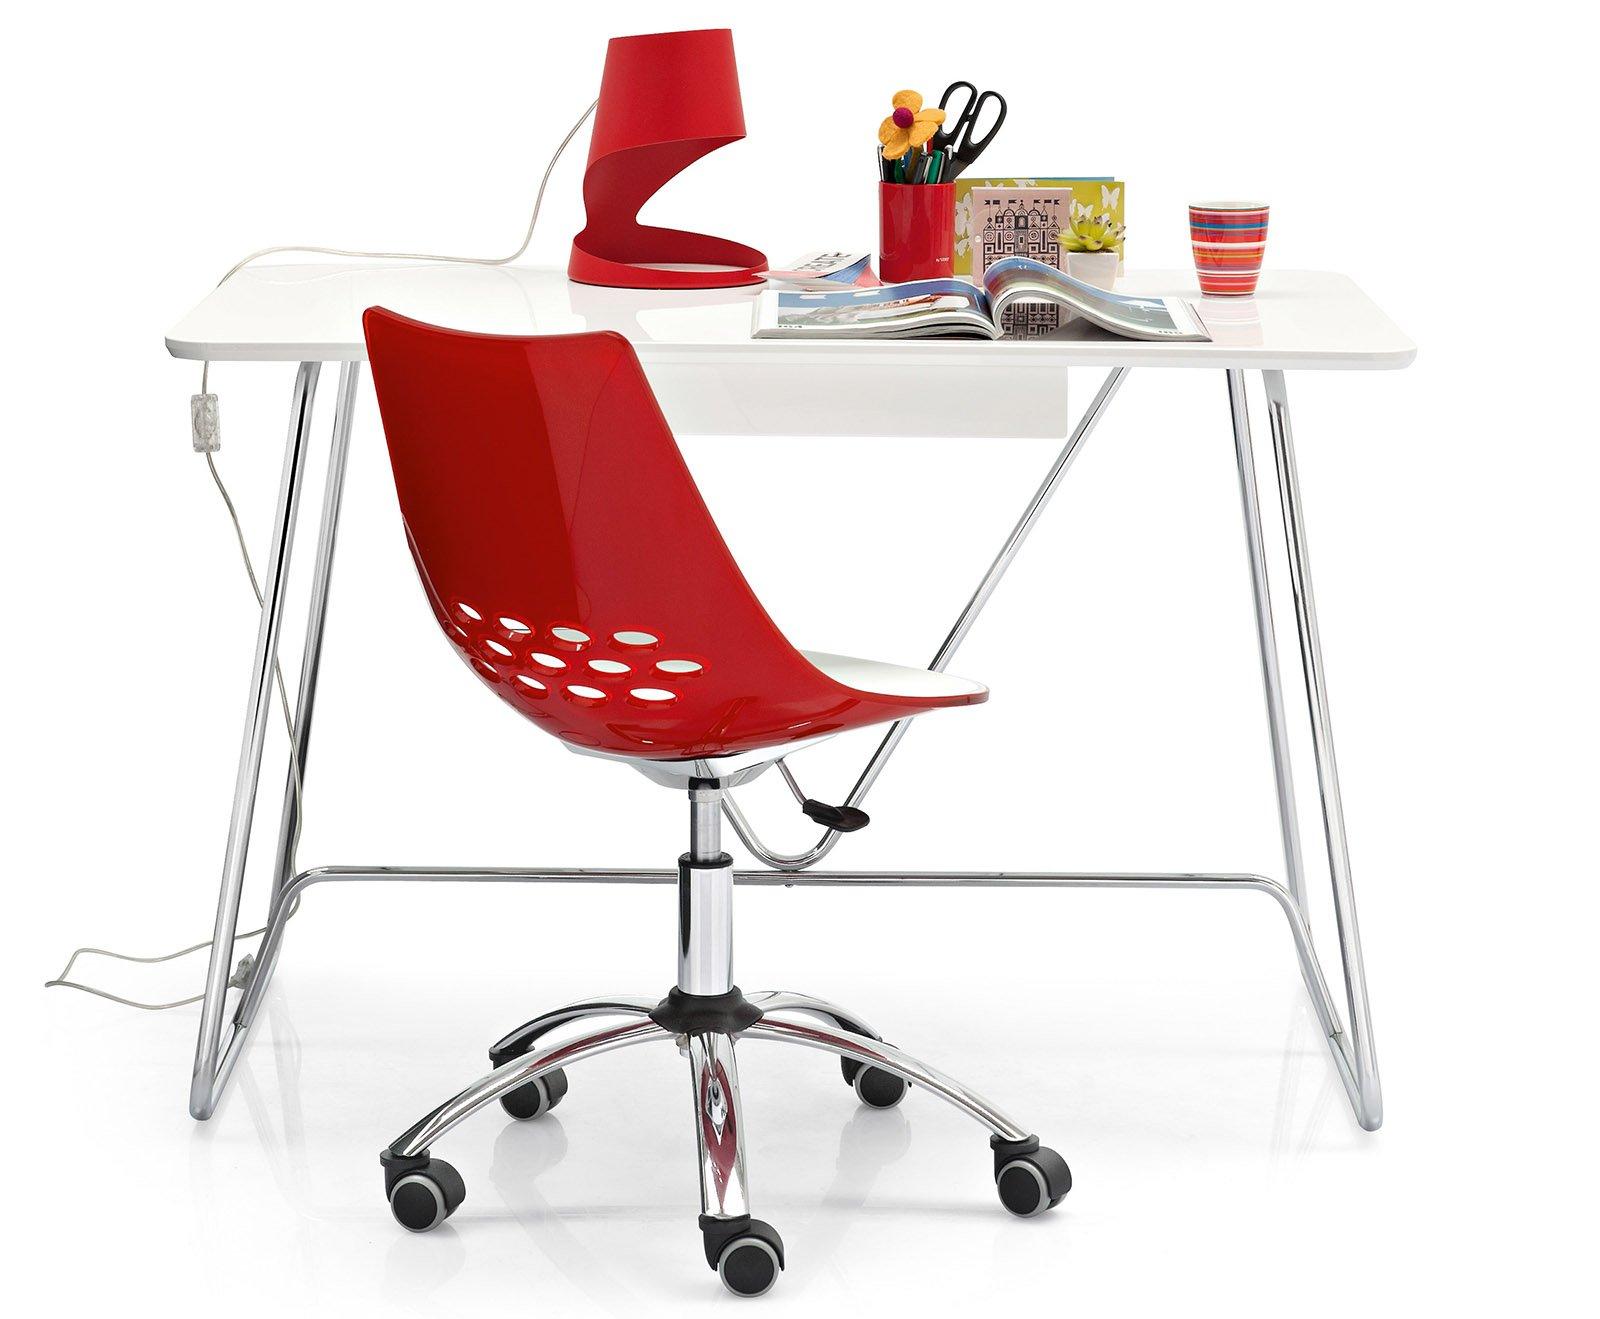 Sedie con le ruote per la scrivania cose di casa for Ikea sedie per scrivania